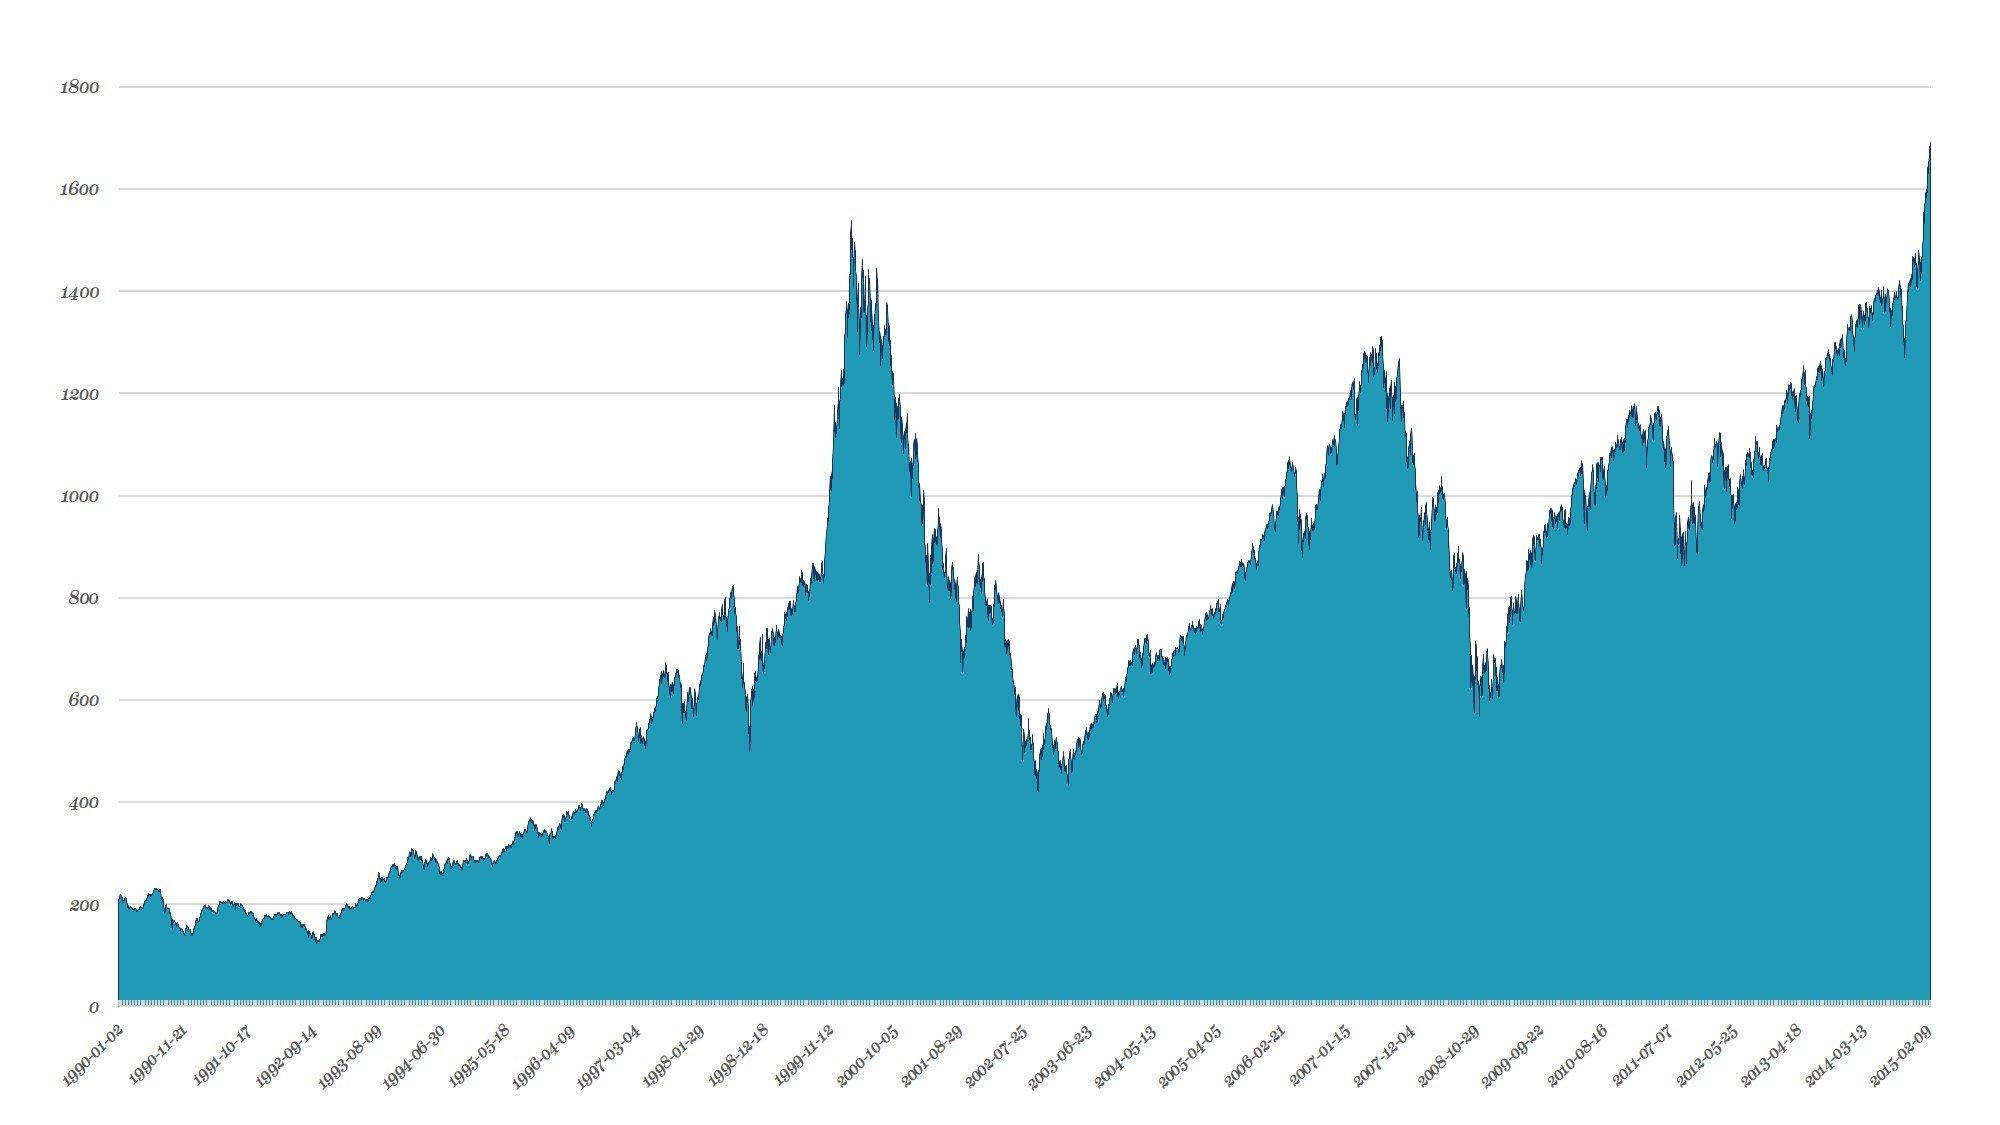 Historisk avkastning för Stockholmsbörsen 1983-2019 (OMXS30)